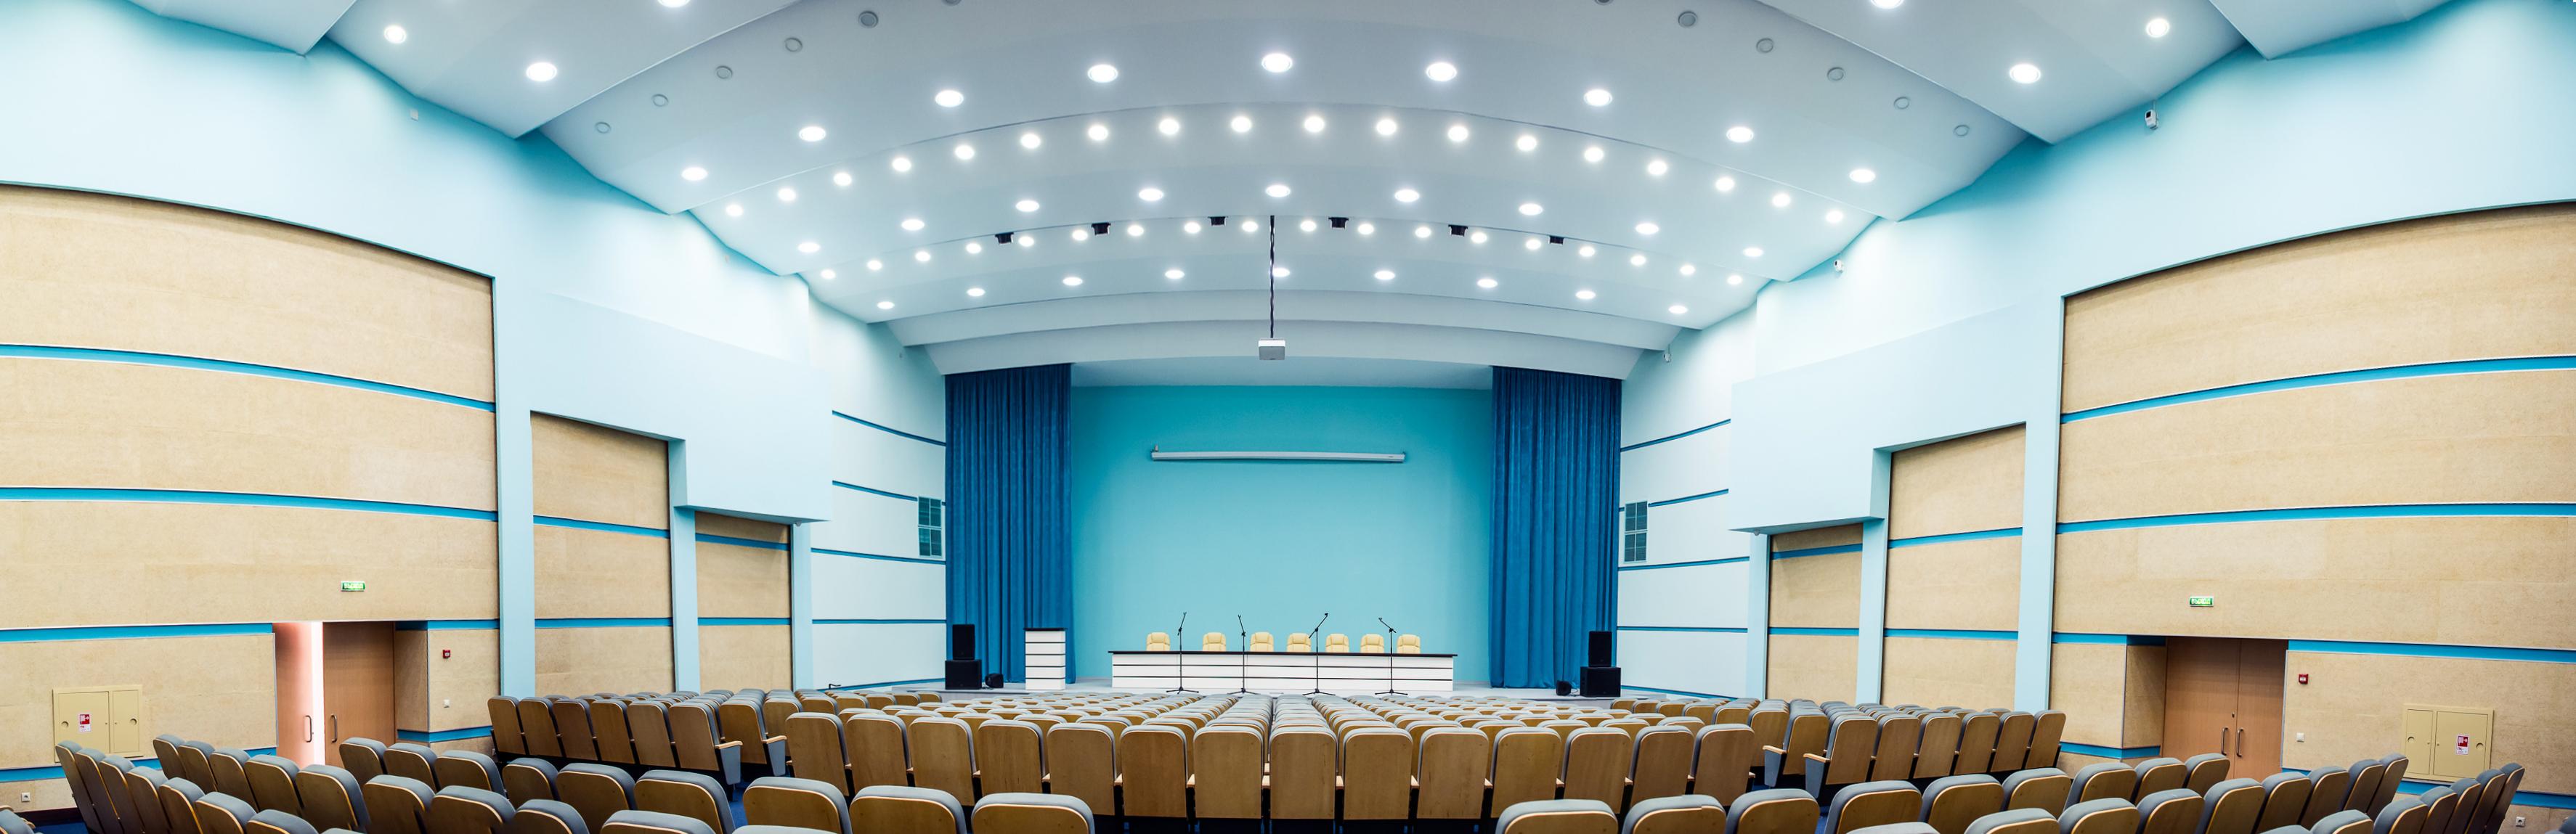 Фотография: Банкетный зал Iskrahall